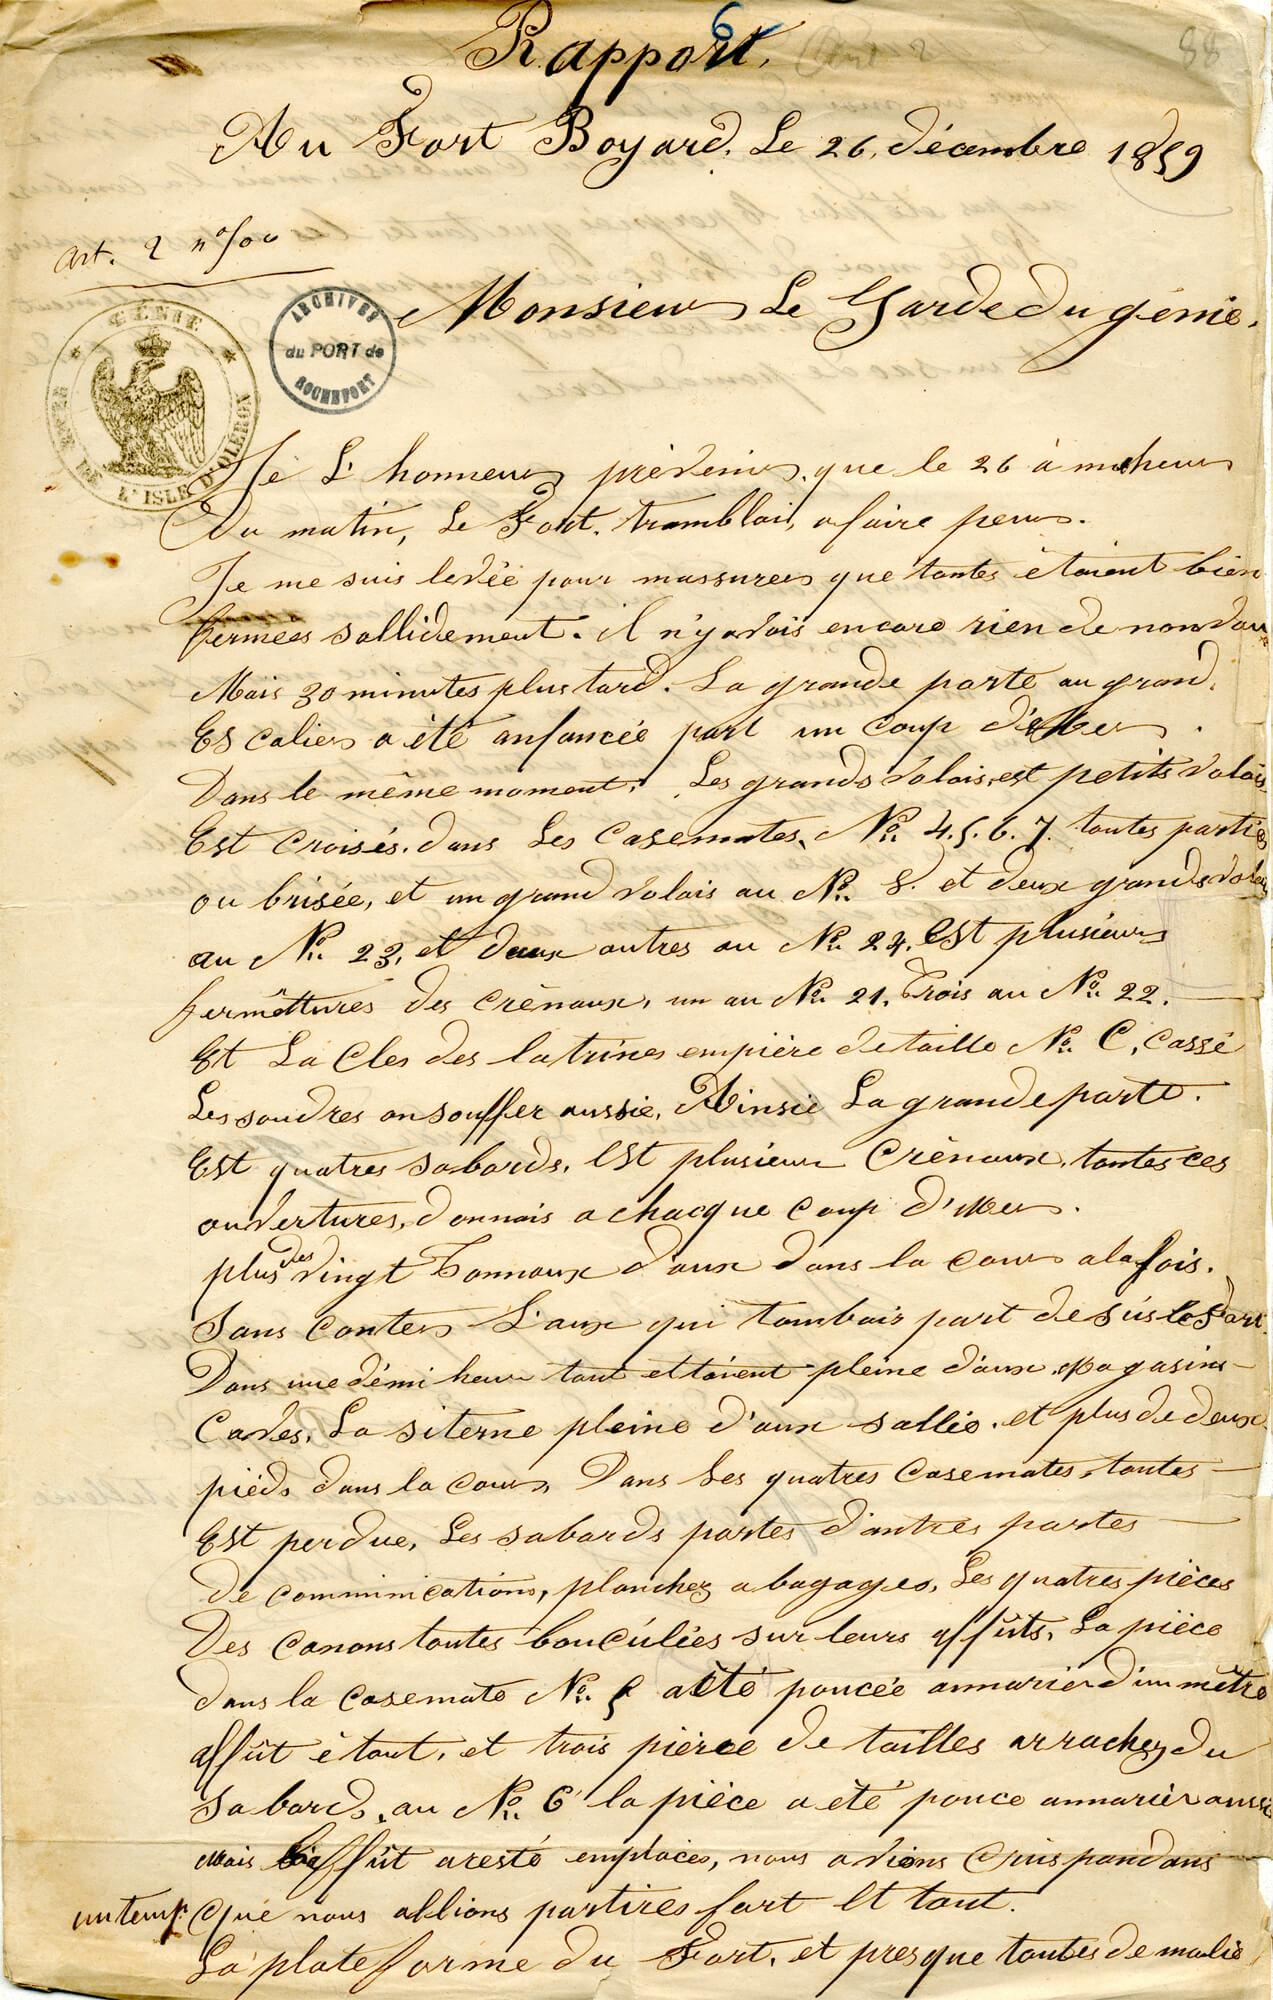 Le fort tremblai à faire peur.  Une tempête sur Boyard - 1859 - 1/2